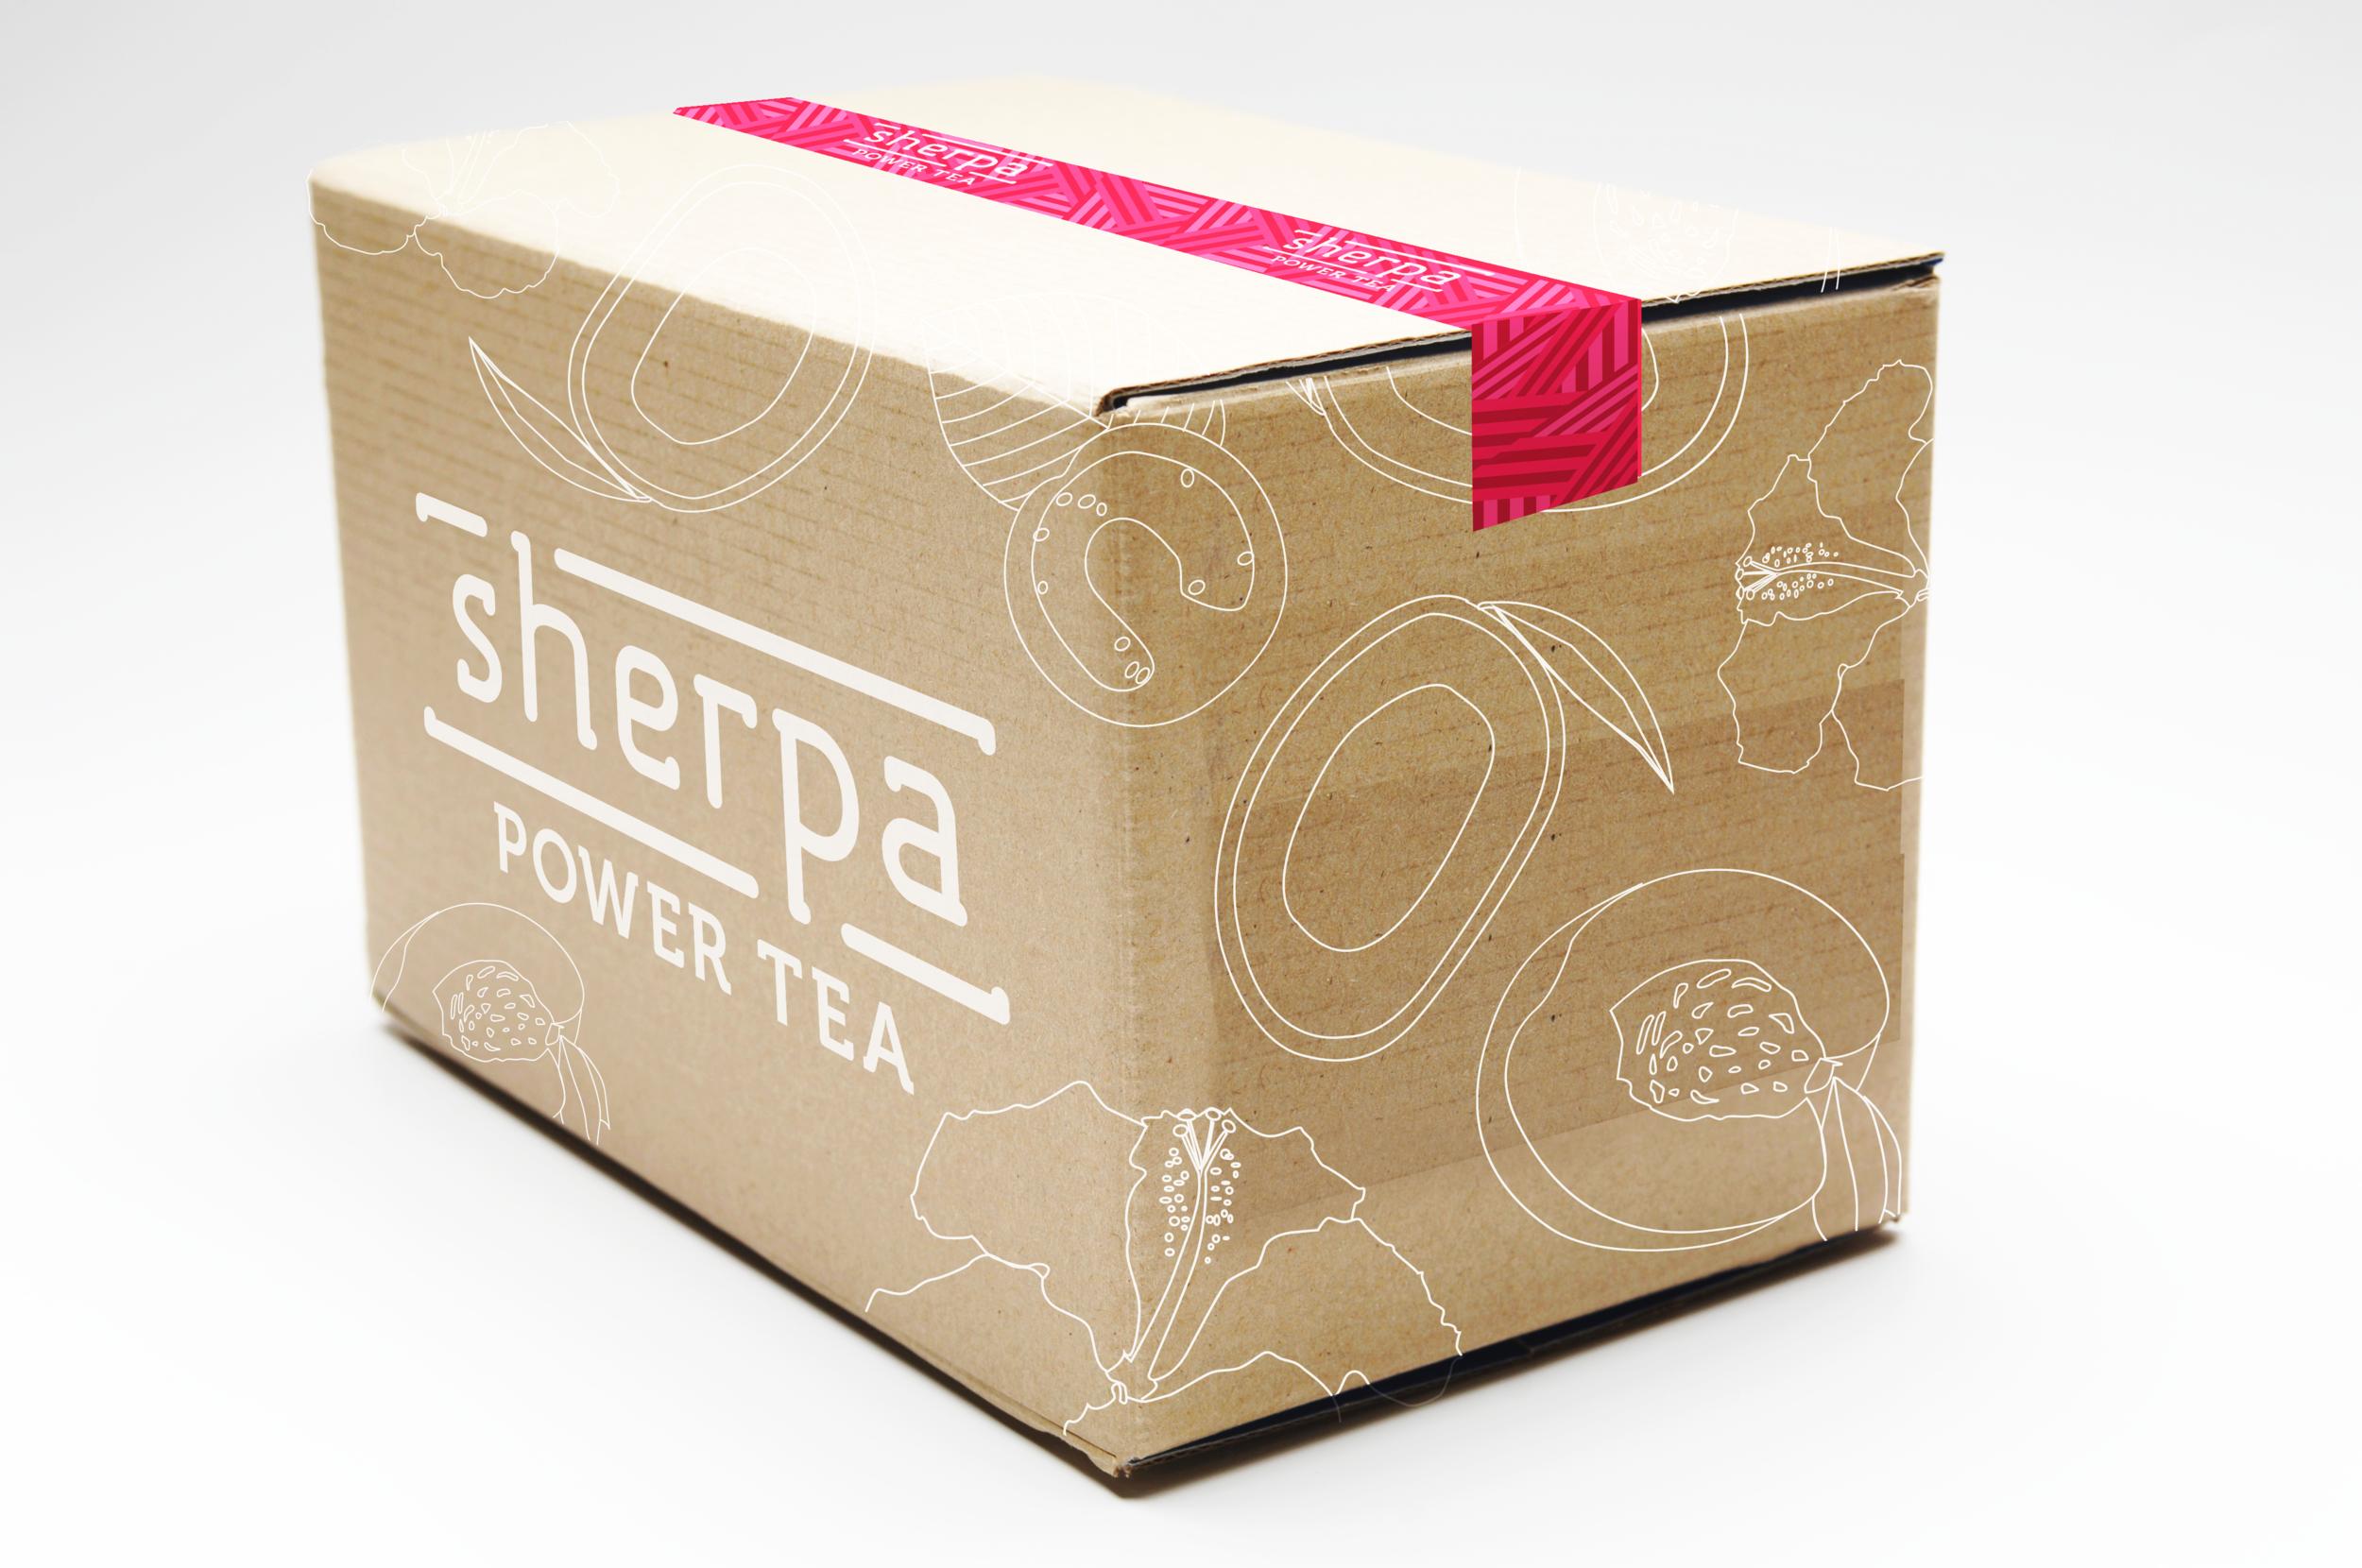 Sherpa Box.png